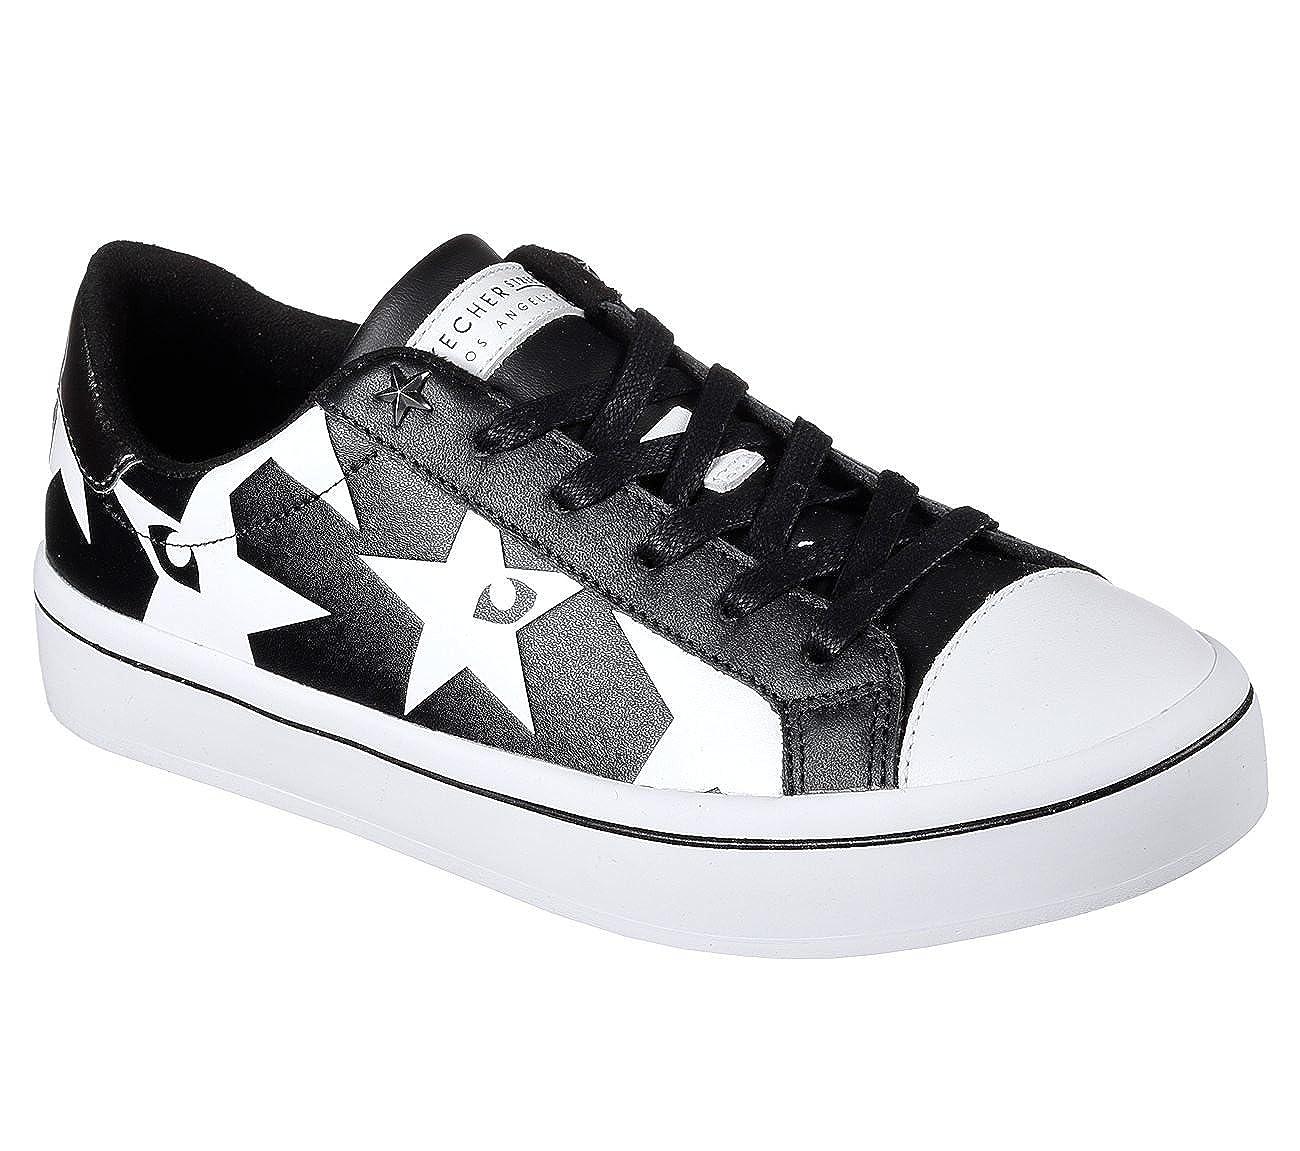 Skechers Hi-Lite Starry Eyed damen Court-Style Turnschuhe schwarz Weiß 9